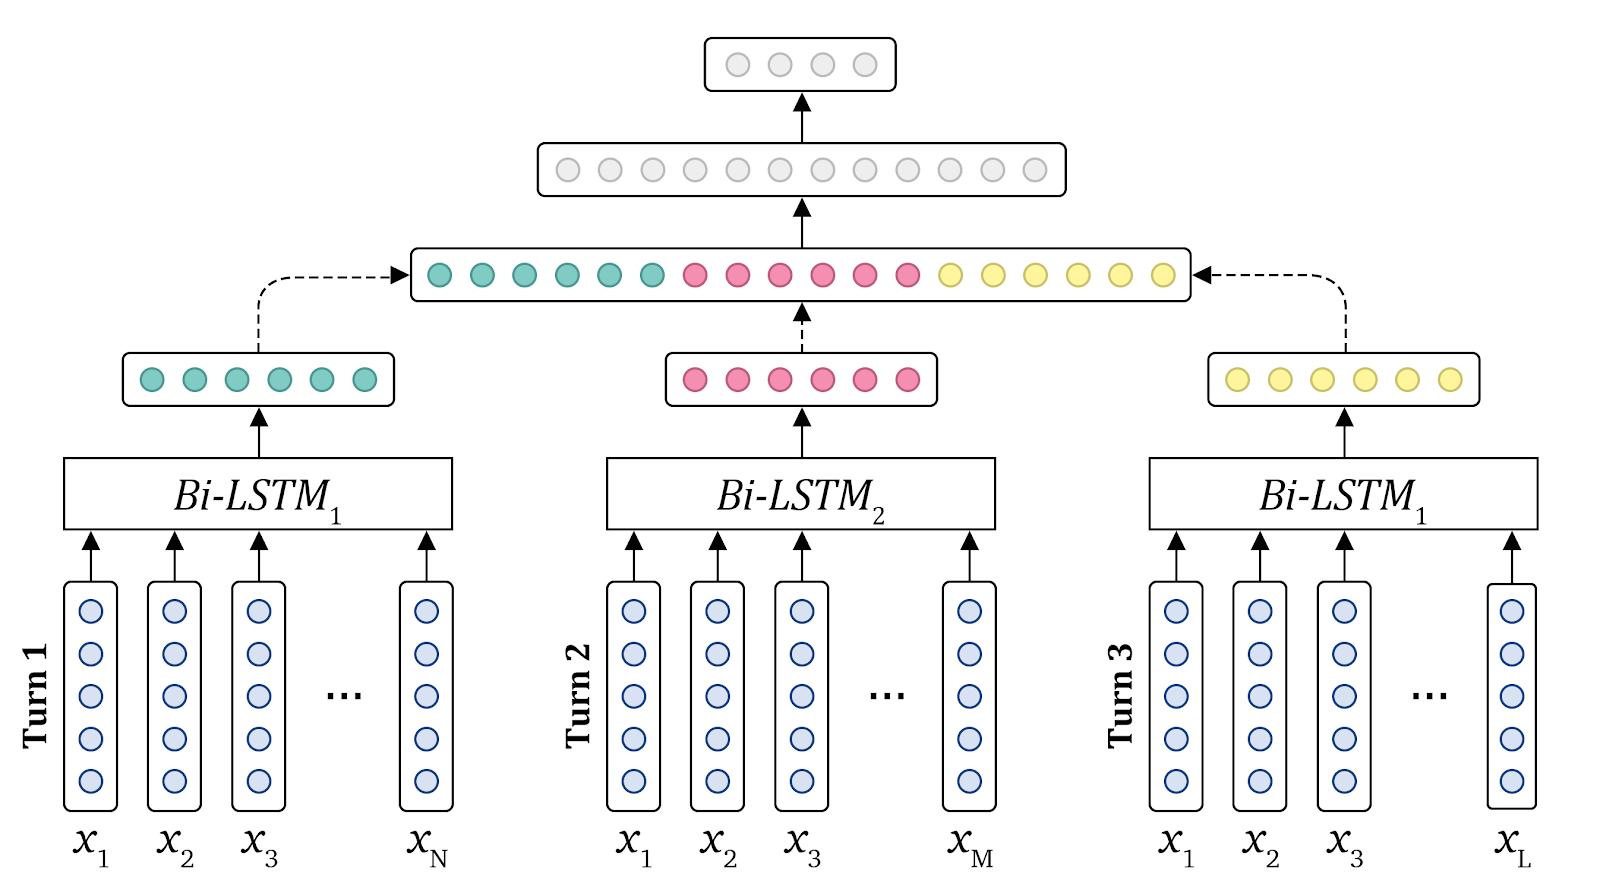 Автоматическое определение эмоций в текстовых беседах с использованием нейронных сетей - 4